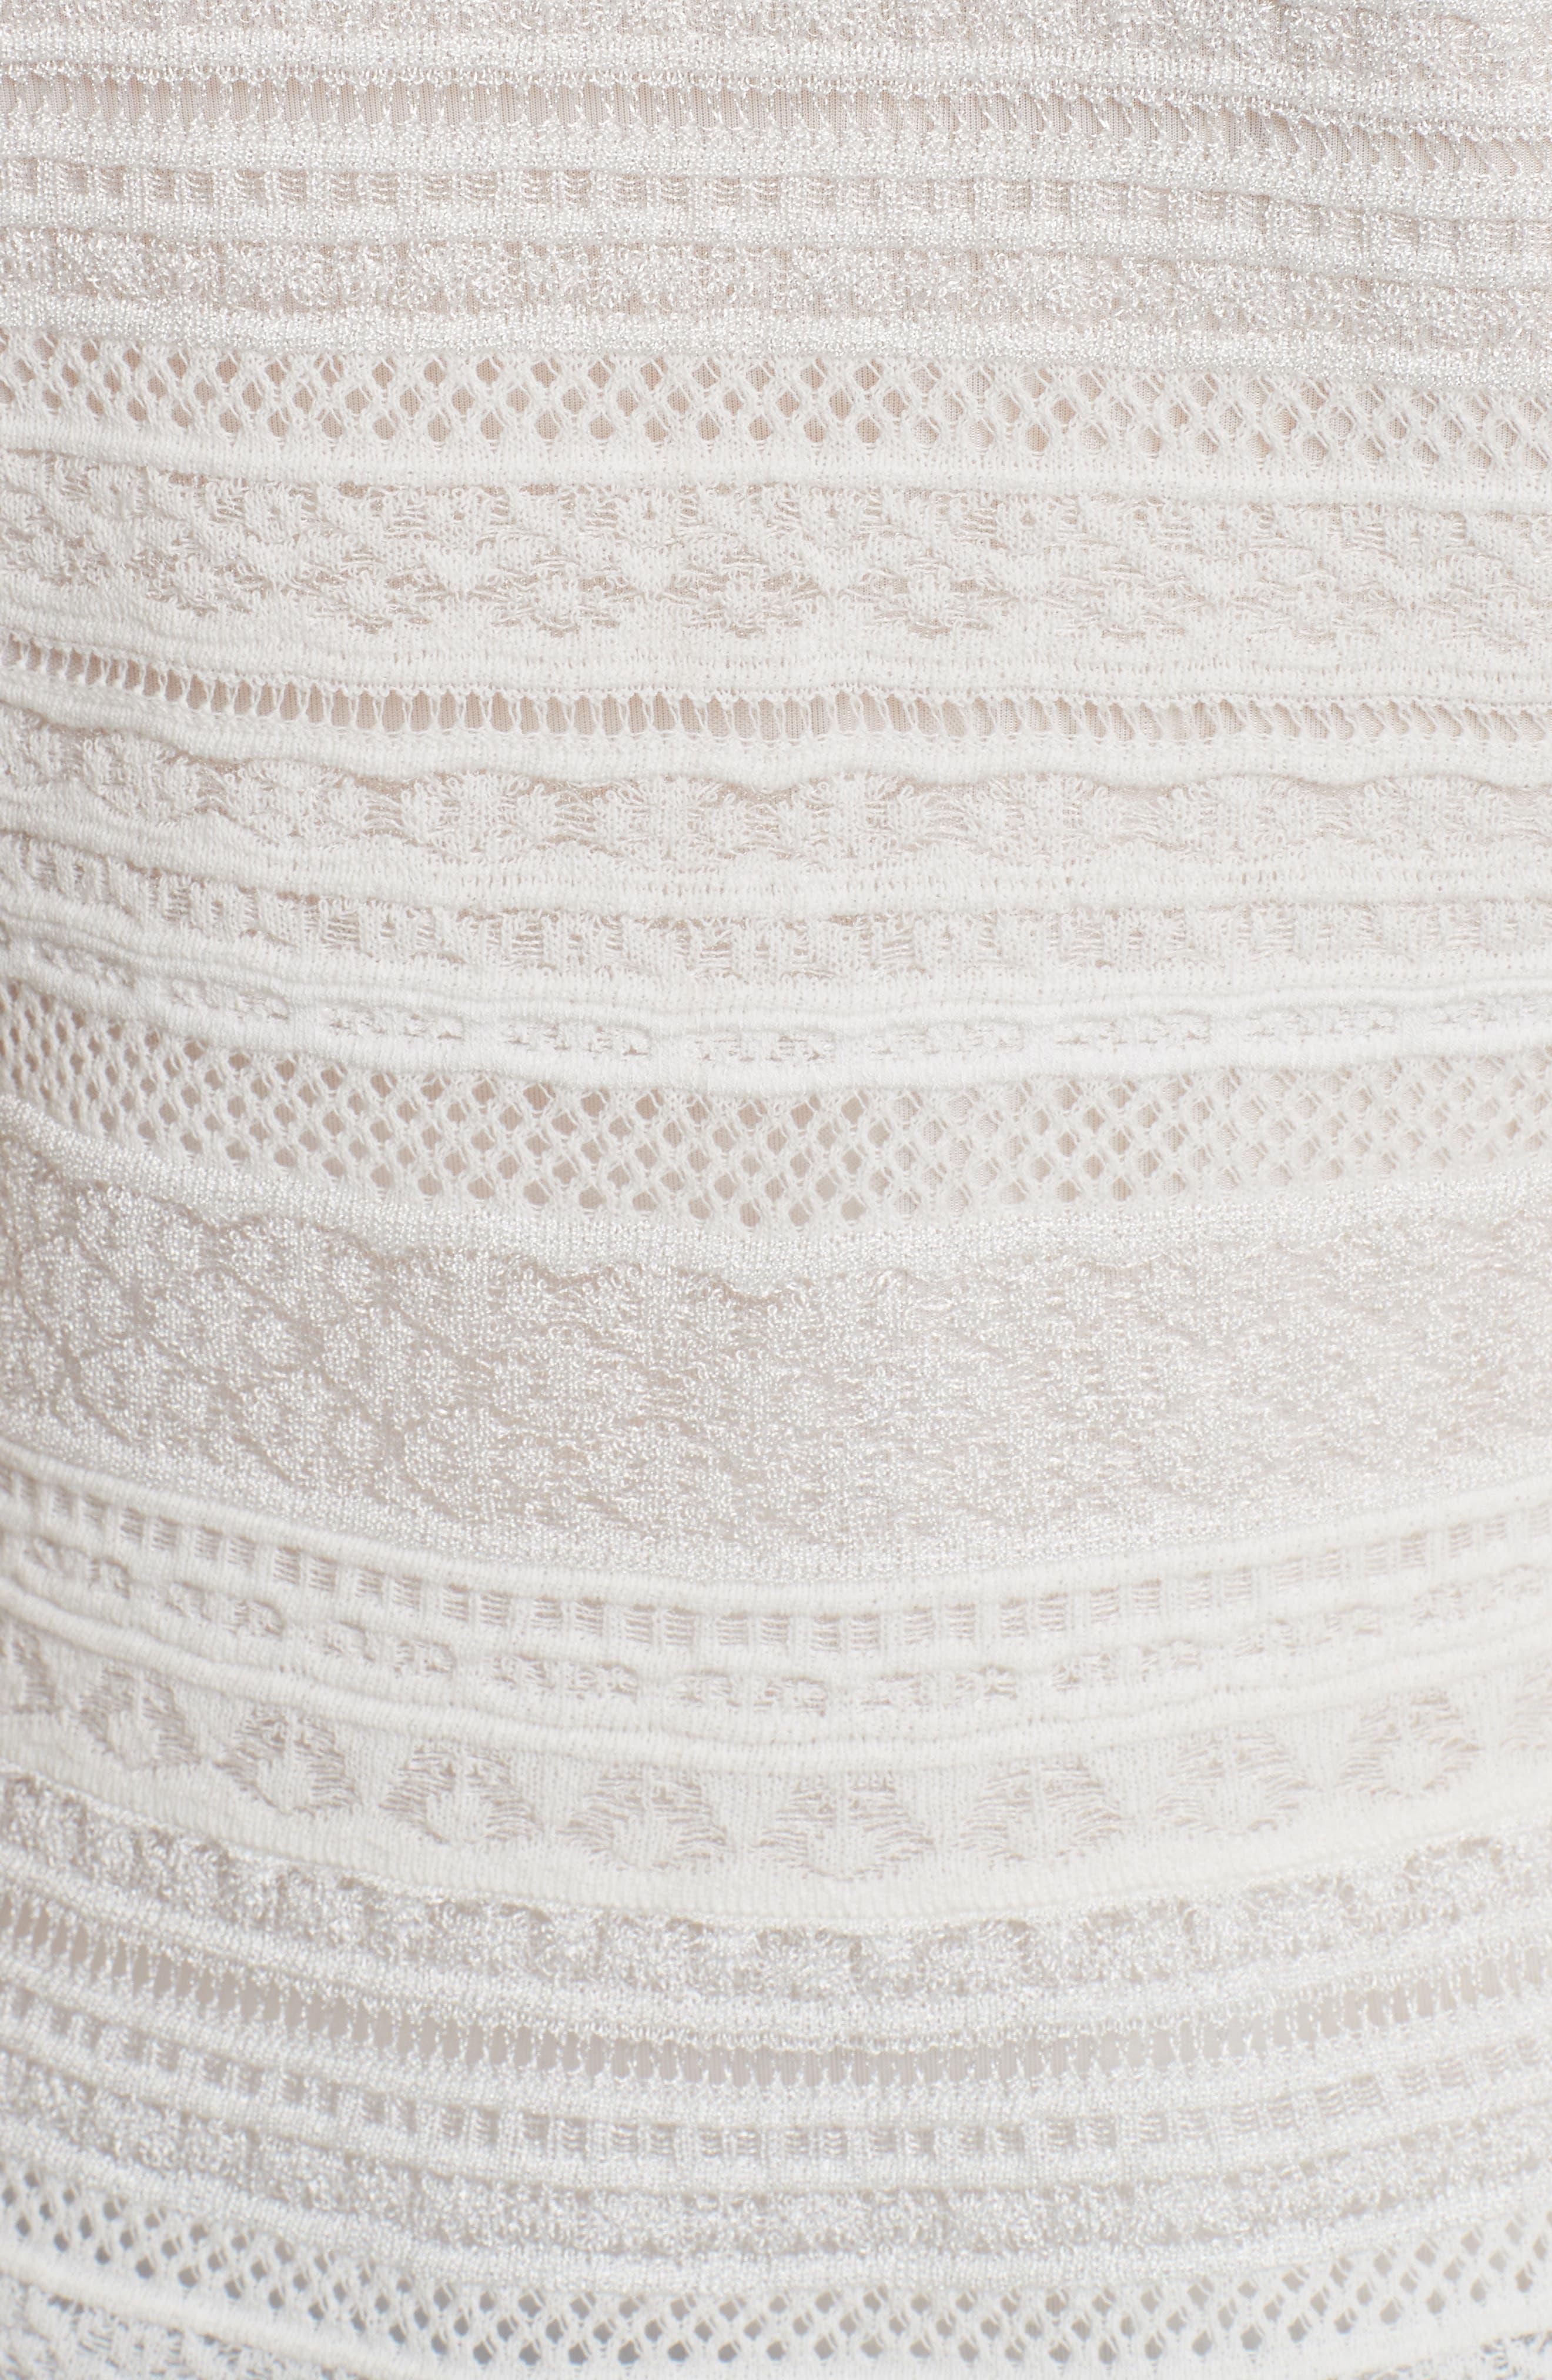 Lace Ribbon Peplum Top,                             Alternate thumbnail 5, color,                             White